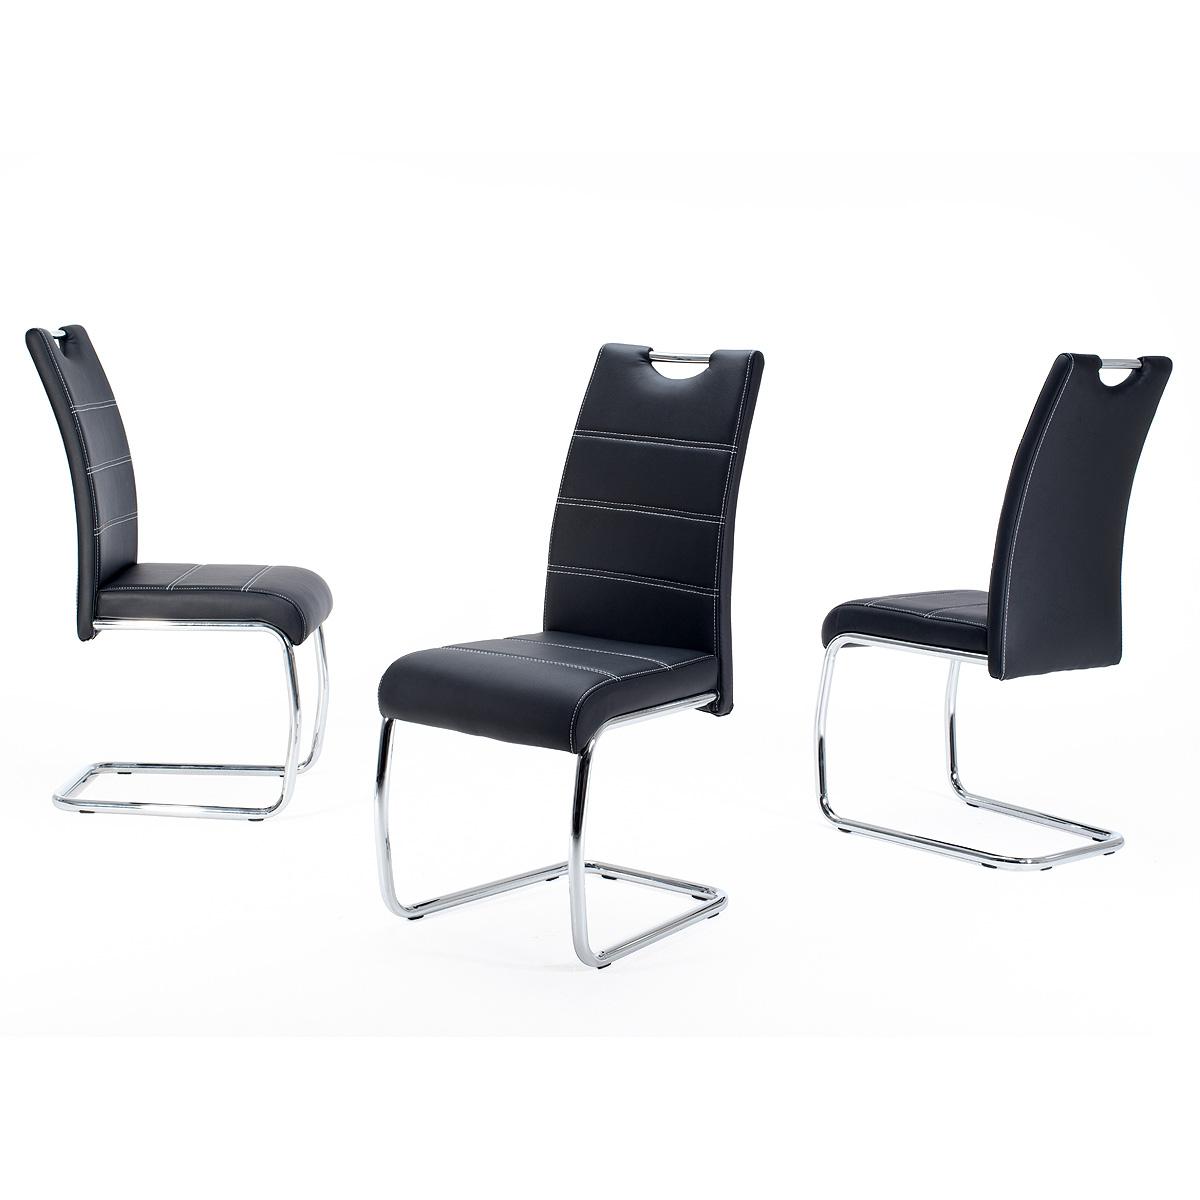 schwingstuhl flora 4er set freischwinger esszimmerstuhl stuhlset farbe w hlbar ebay. Black Bedroom Furniture Sets. Home Design Ideas